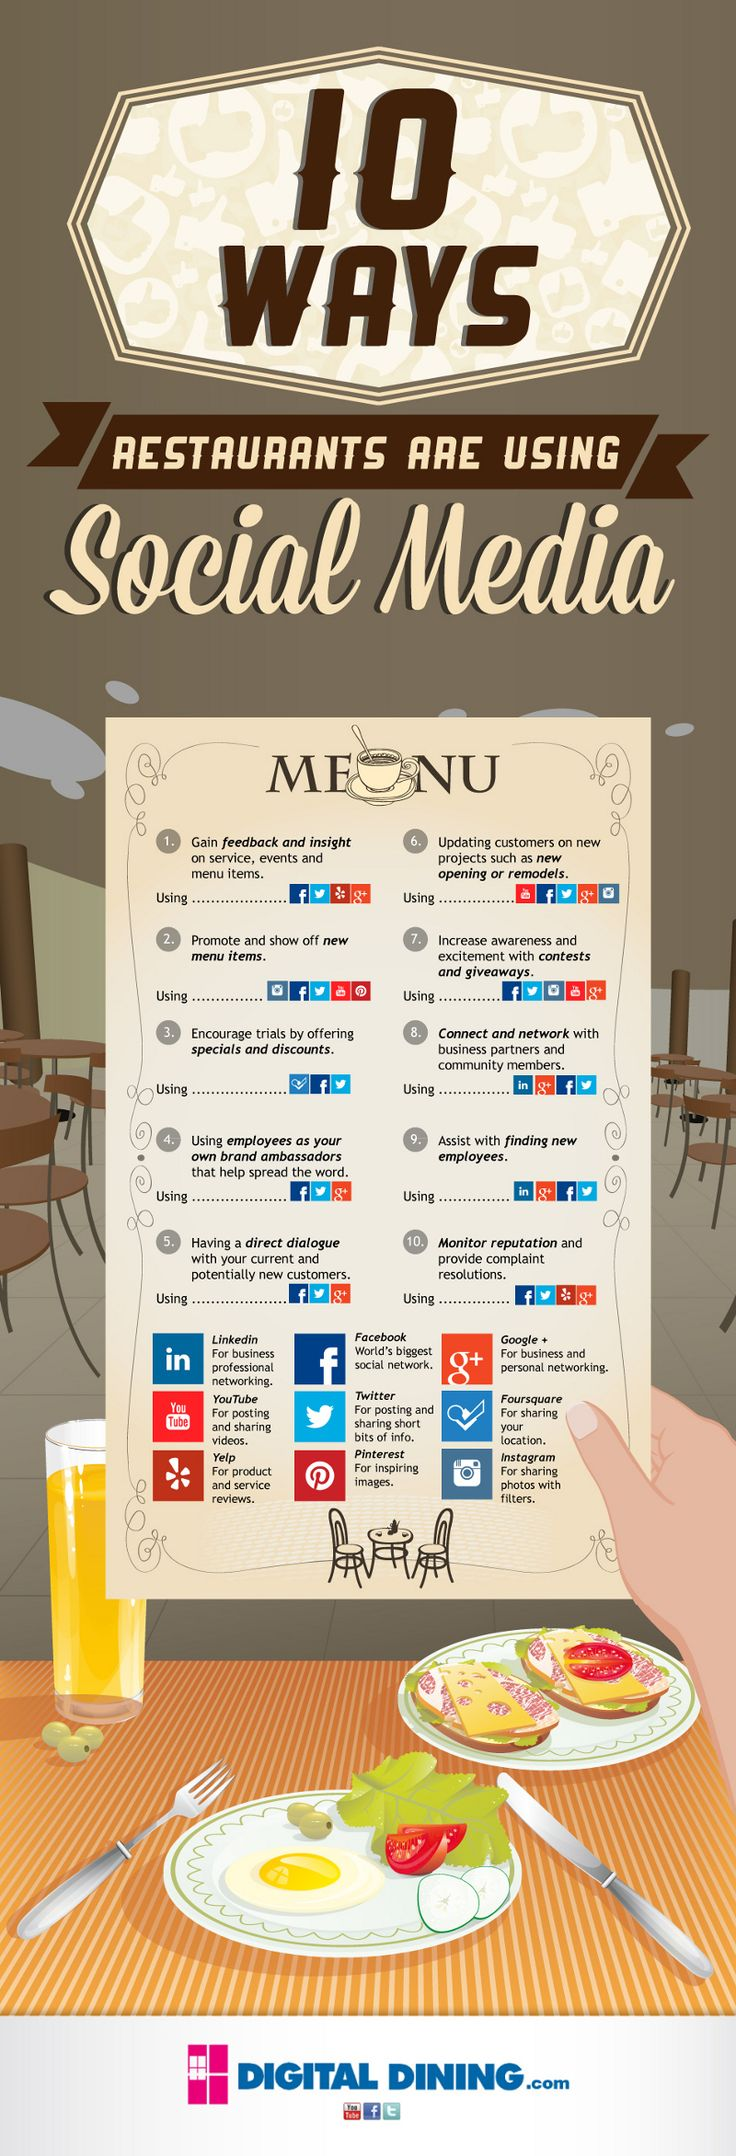 10 Social Media Marketing Examples for Restaurants